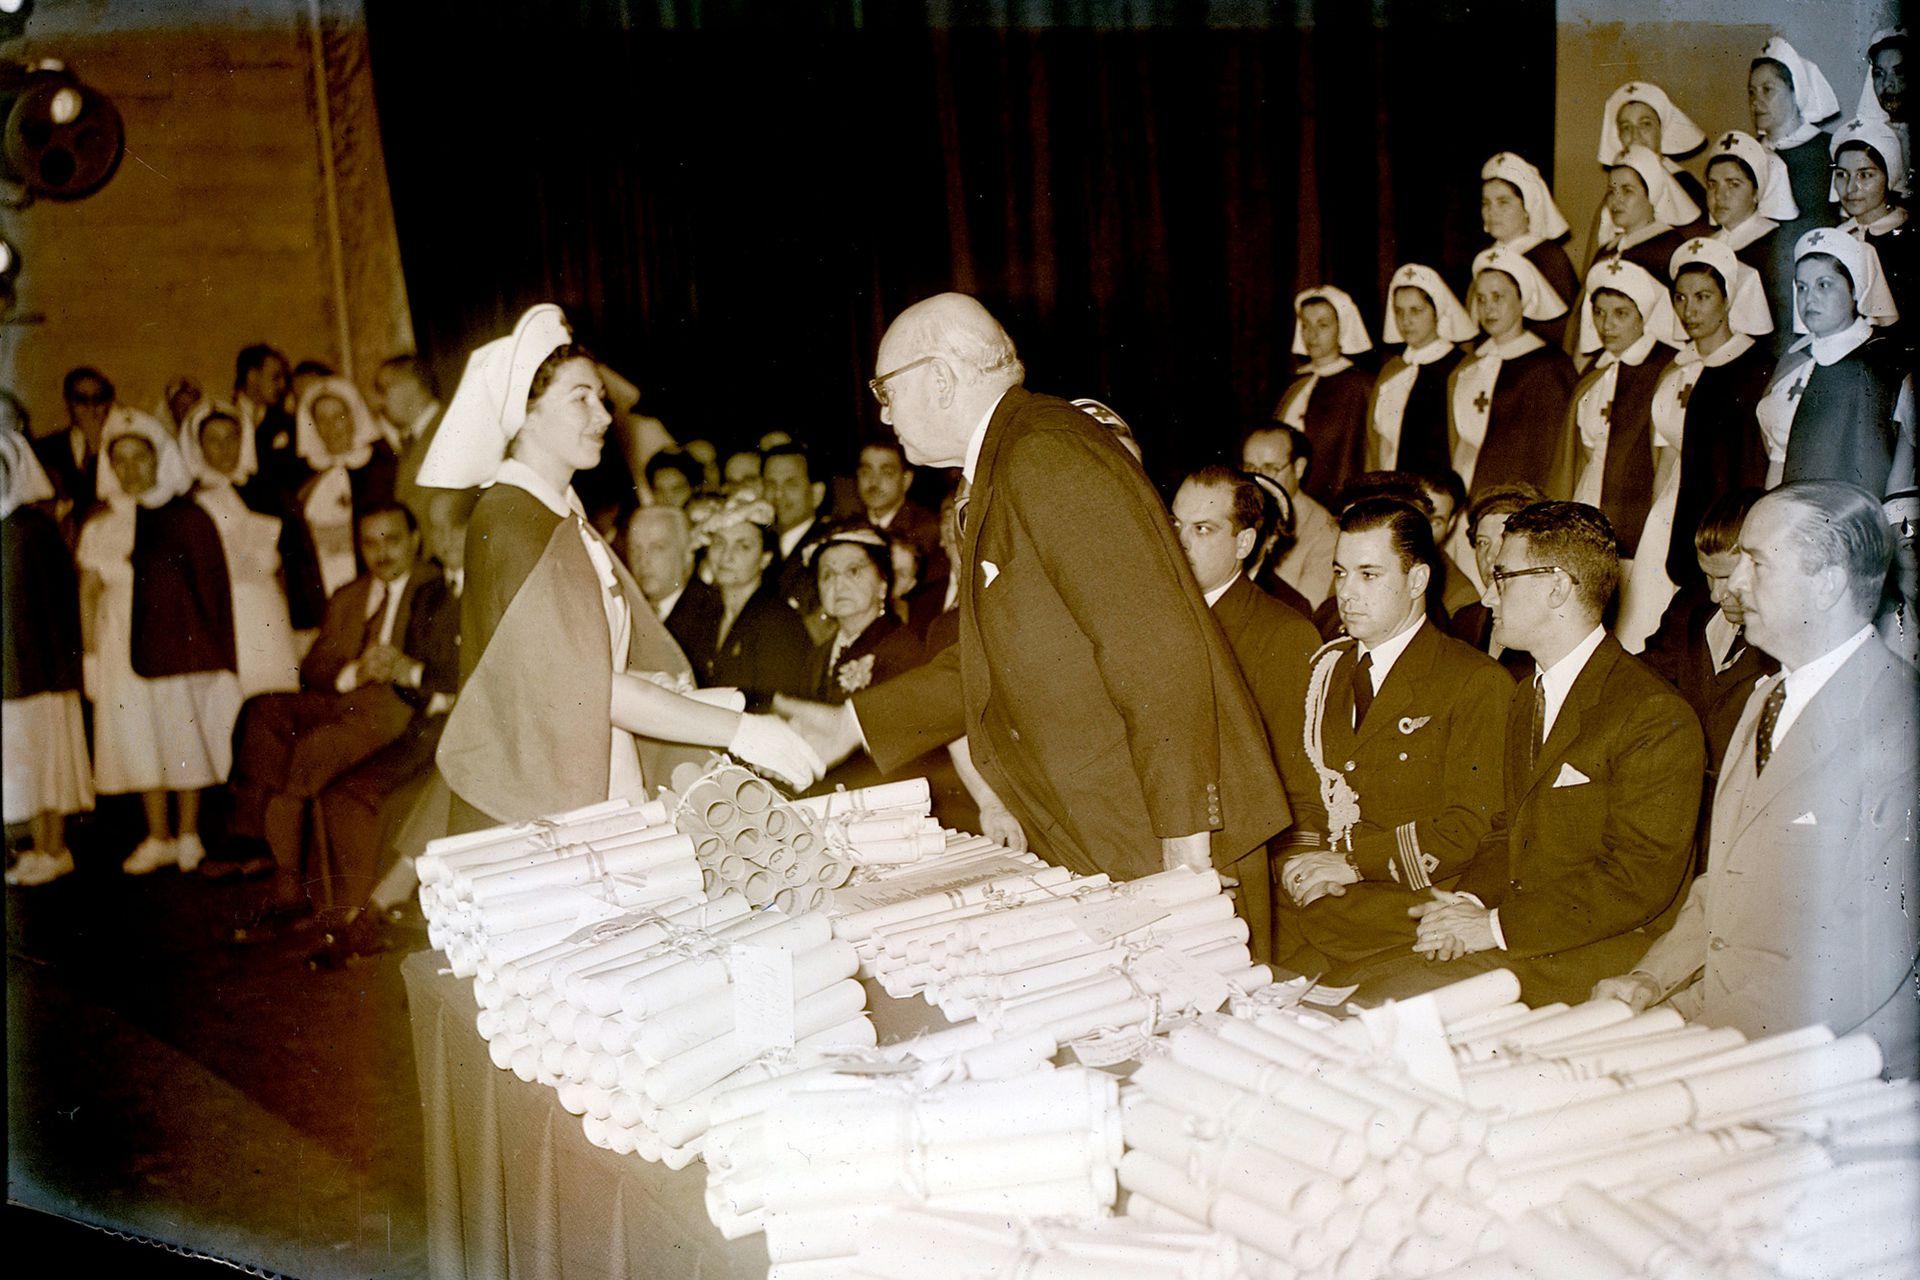 Por la gravedad por el brote de la polio se realizaron cursos acelerados para capacitar a médicos y enfermeros; el acto de la Cruz Roja se vivió con mucha emoción en un año muy difícil para el país